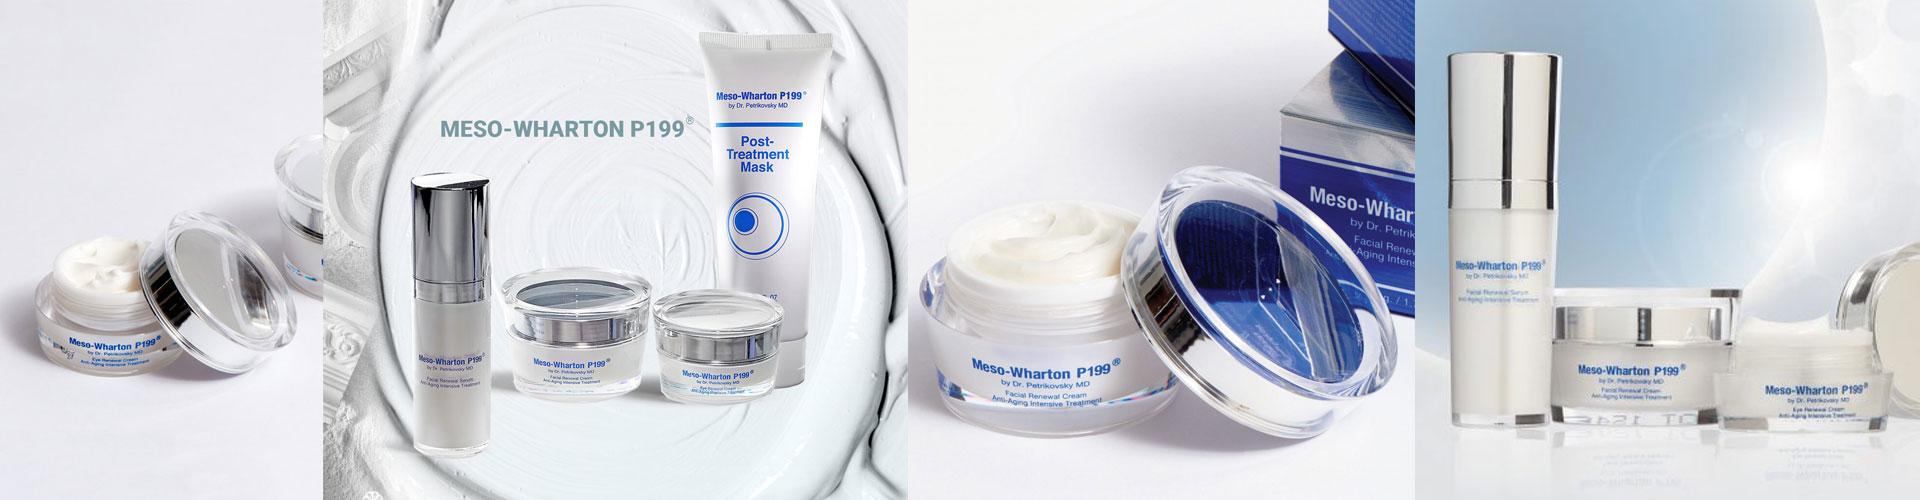 Meso-Wharton P199 (Корея) - крем и сыворотка с пептидами для омоложения кожи лица и век